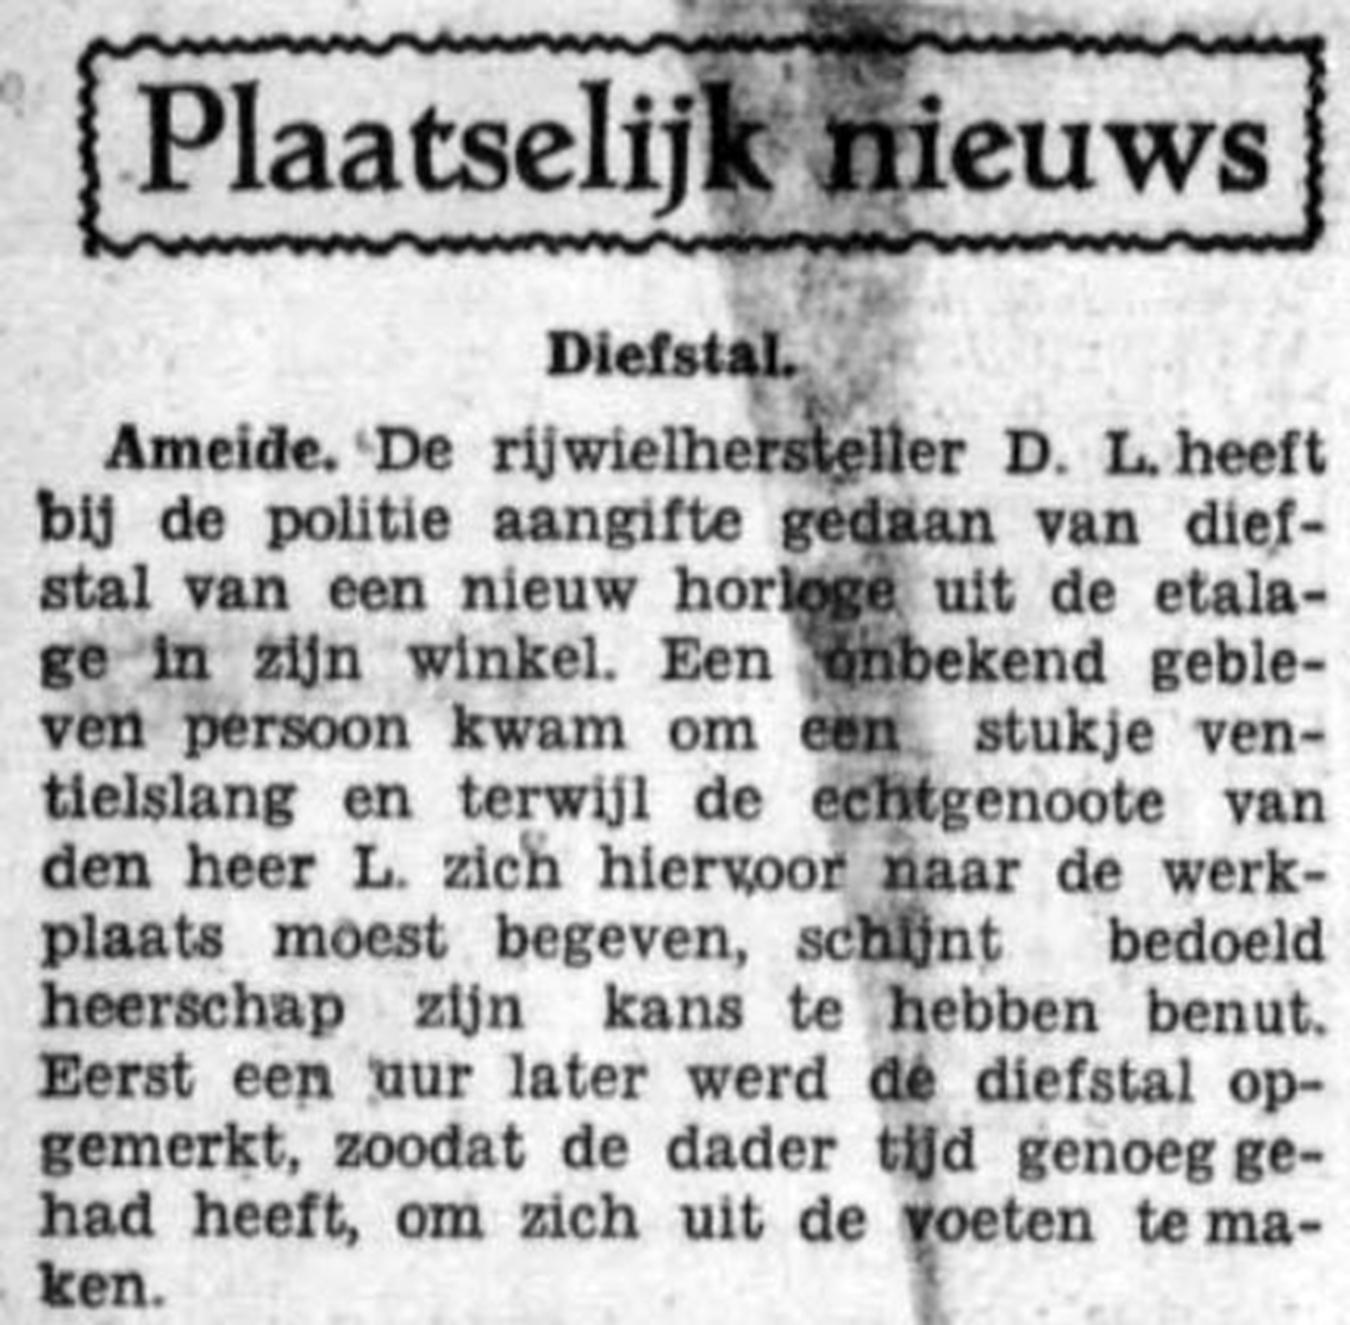 schoonhovensche-courant-06812-1937-05-24-artikel-03